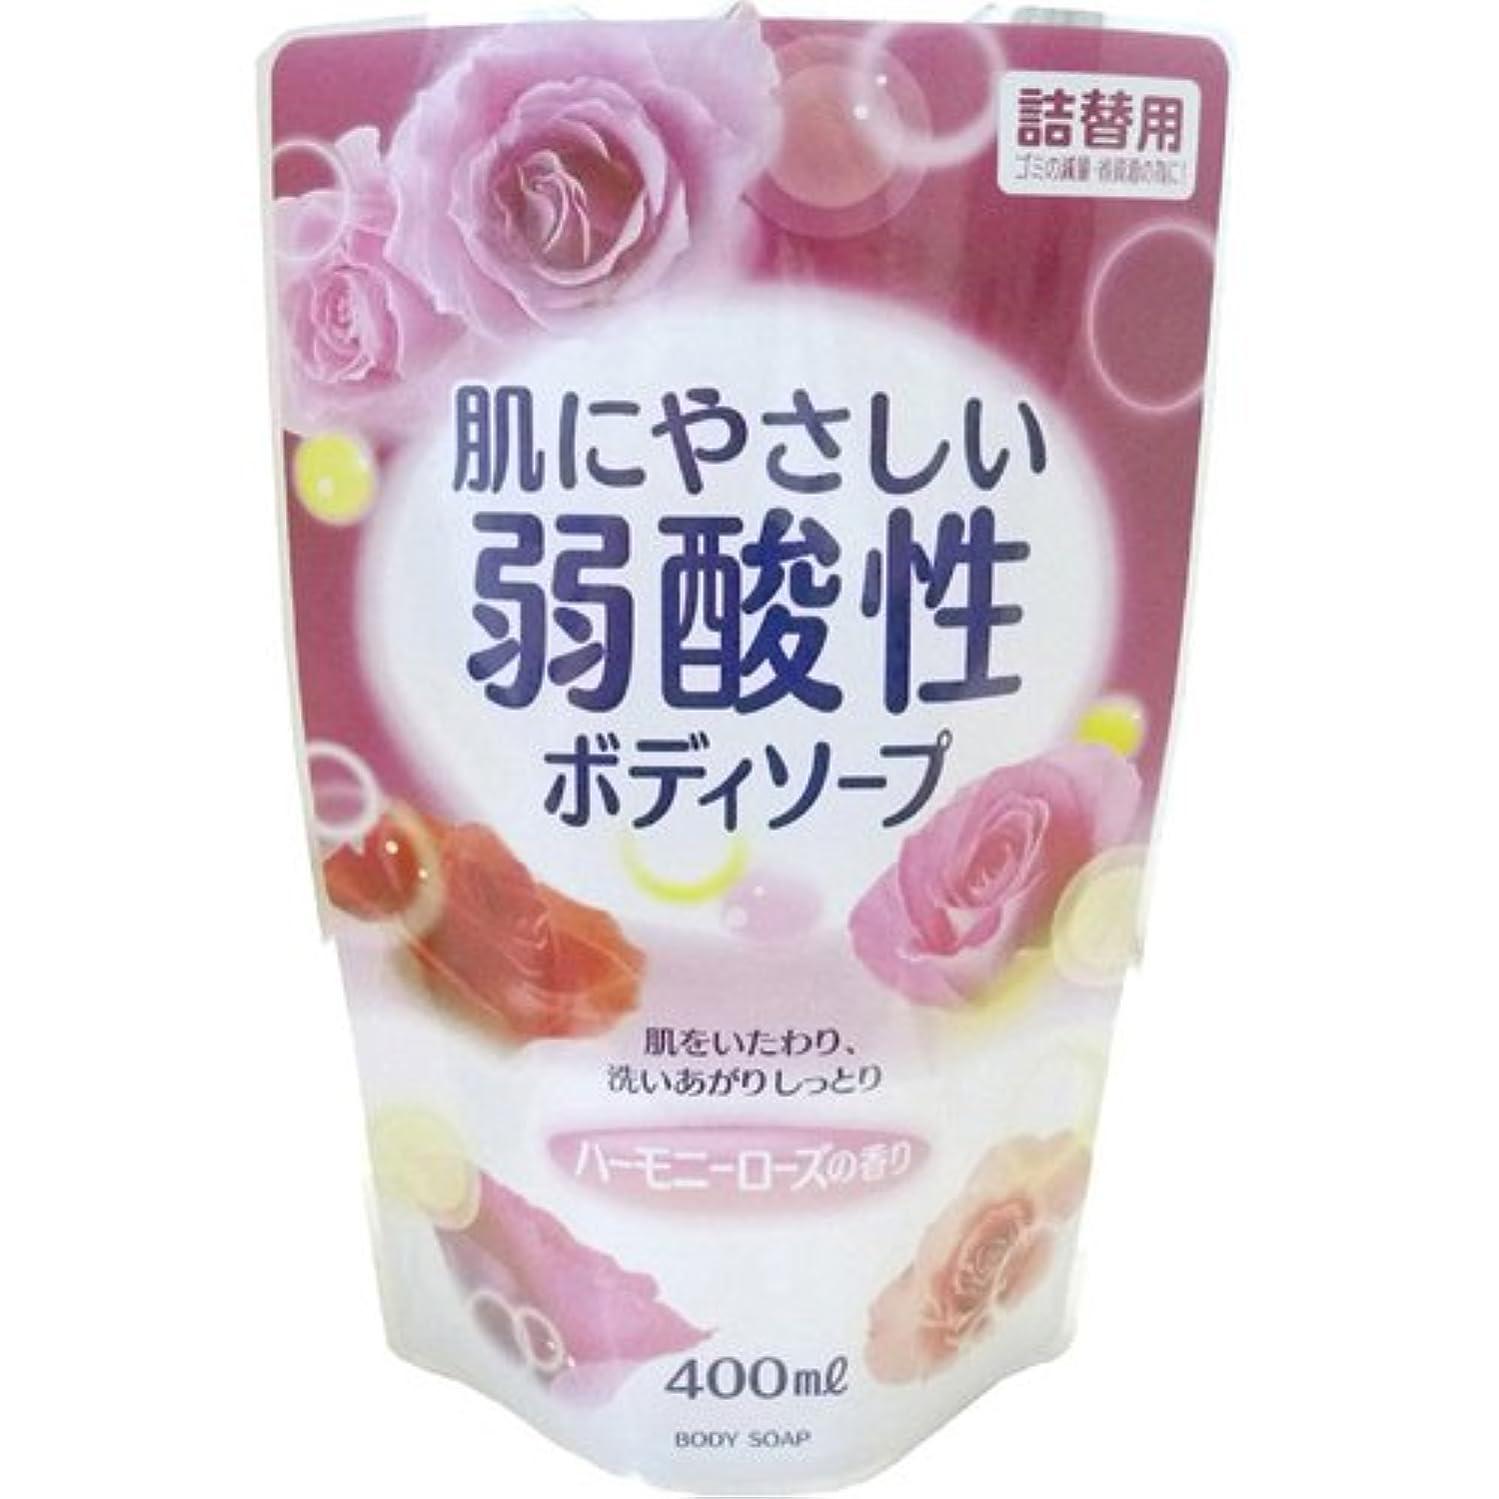 プロフェッショナル神経かすかな弱酸性ボディソープ ハーモニーローズの香り 詰替用 400ml